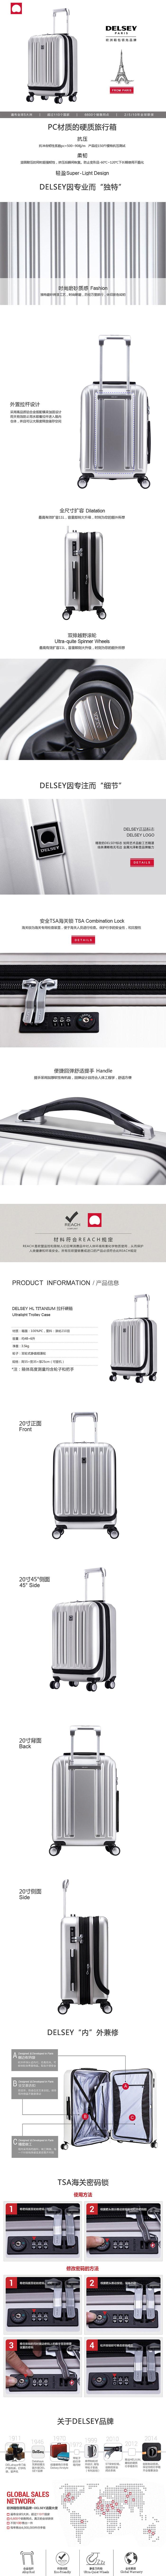 飞机规定的行李箱尺寸